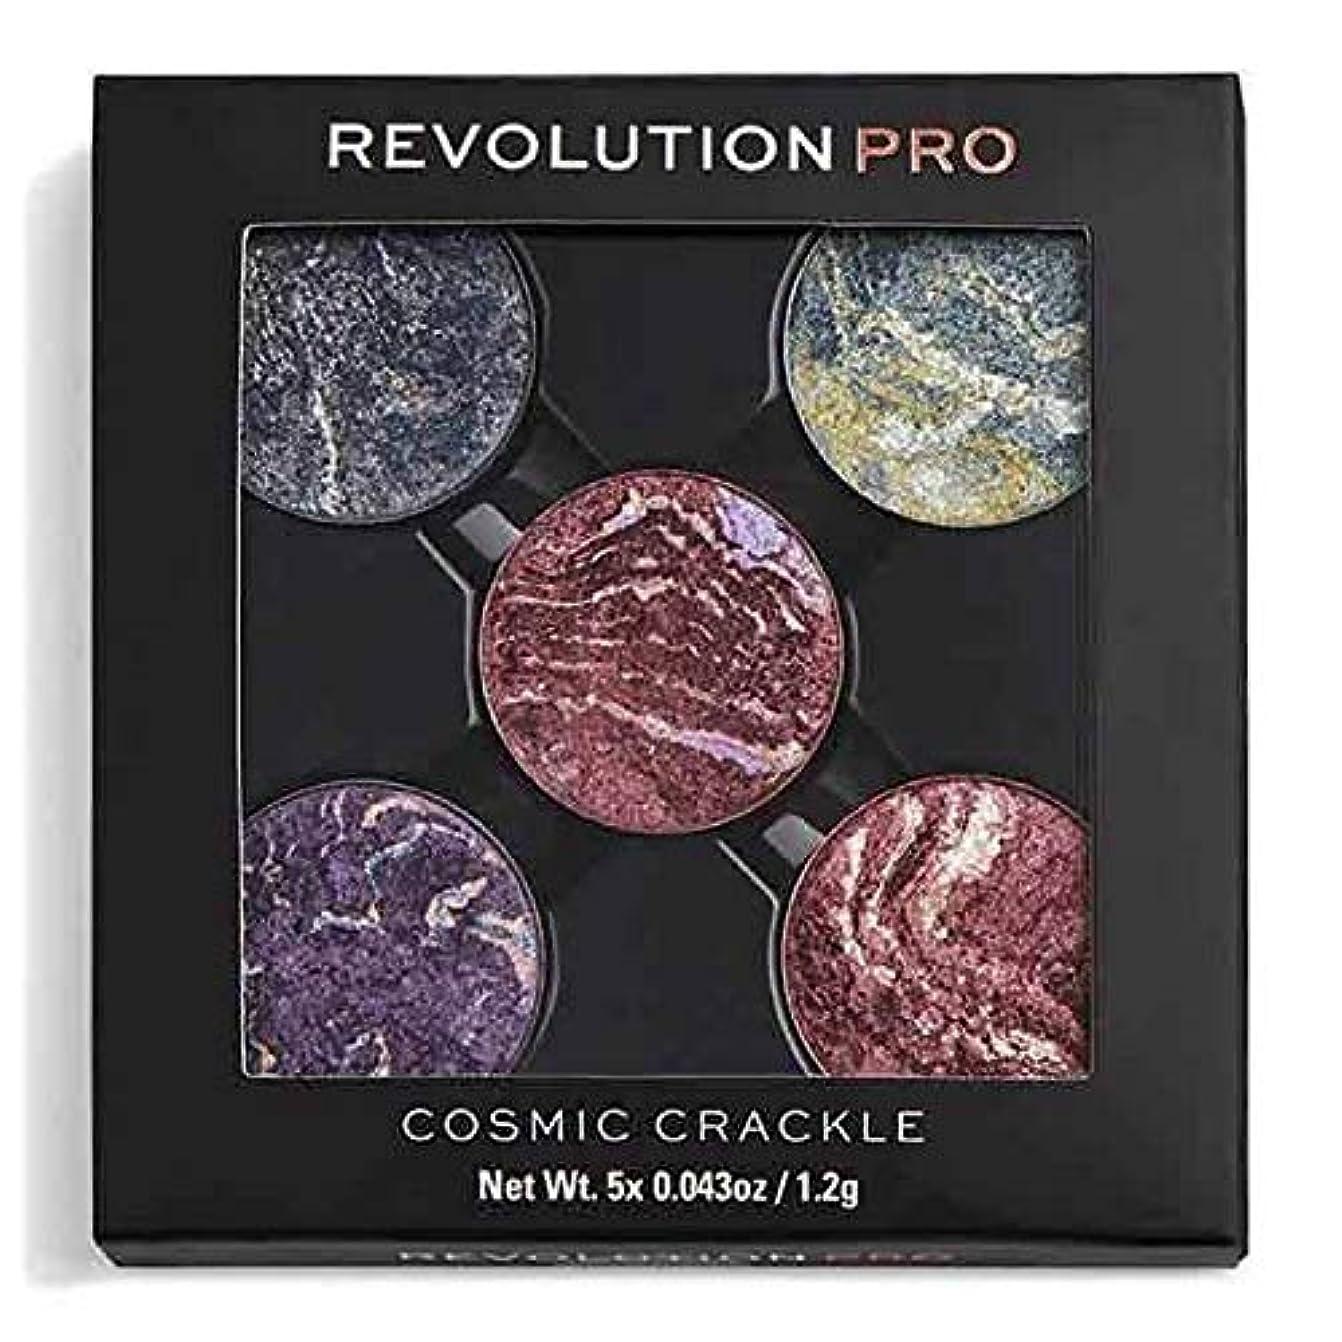 食欲バイアスレジ[Revolution ] 革命プロリフィルアイシャドウは、宇宙クラックルをパック - Revolution Pro Refill Eyeshadow Pack Cosmic Crackle [並行輸入品]